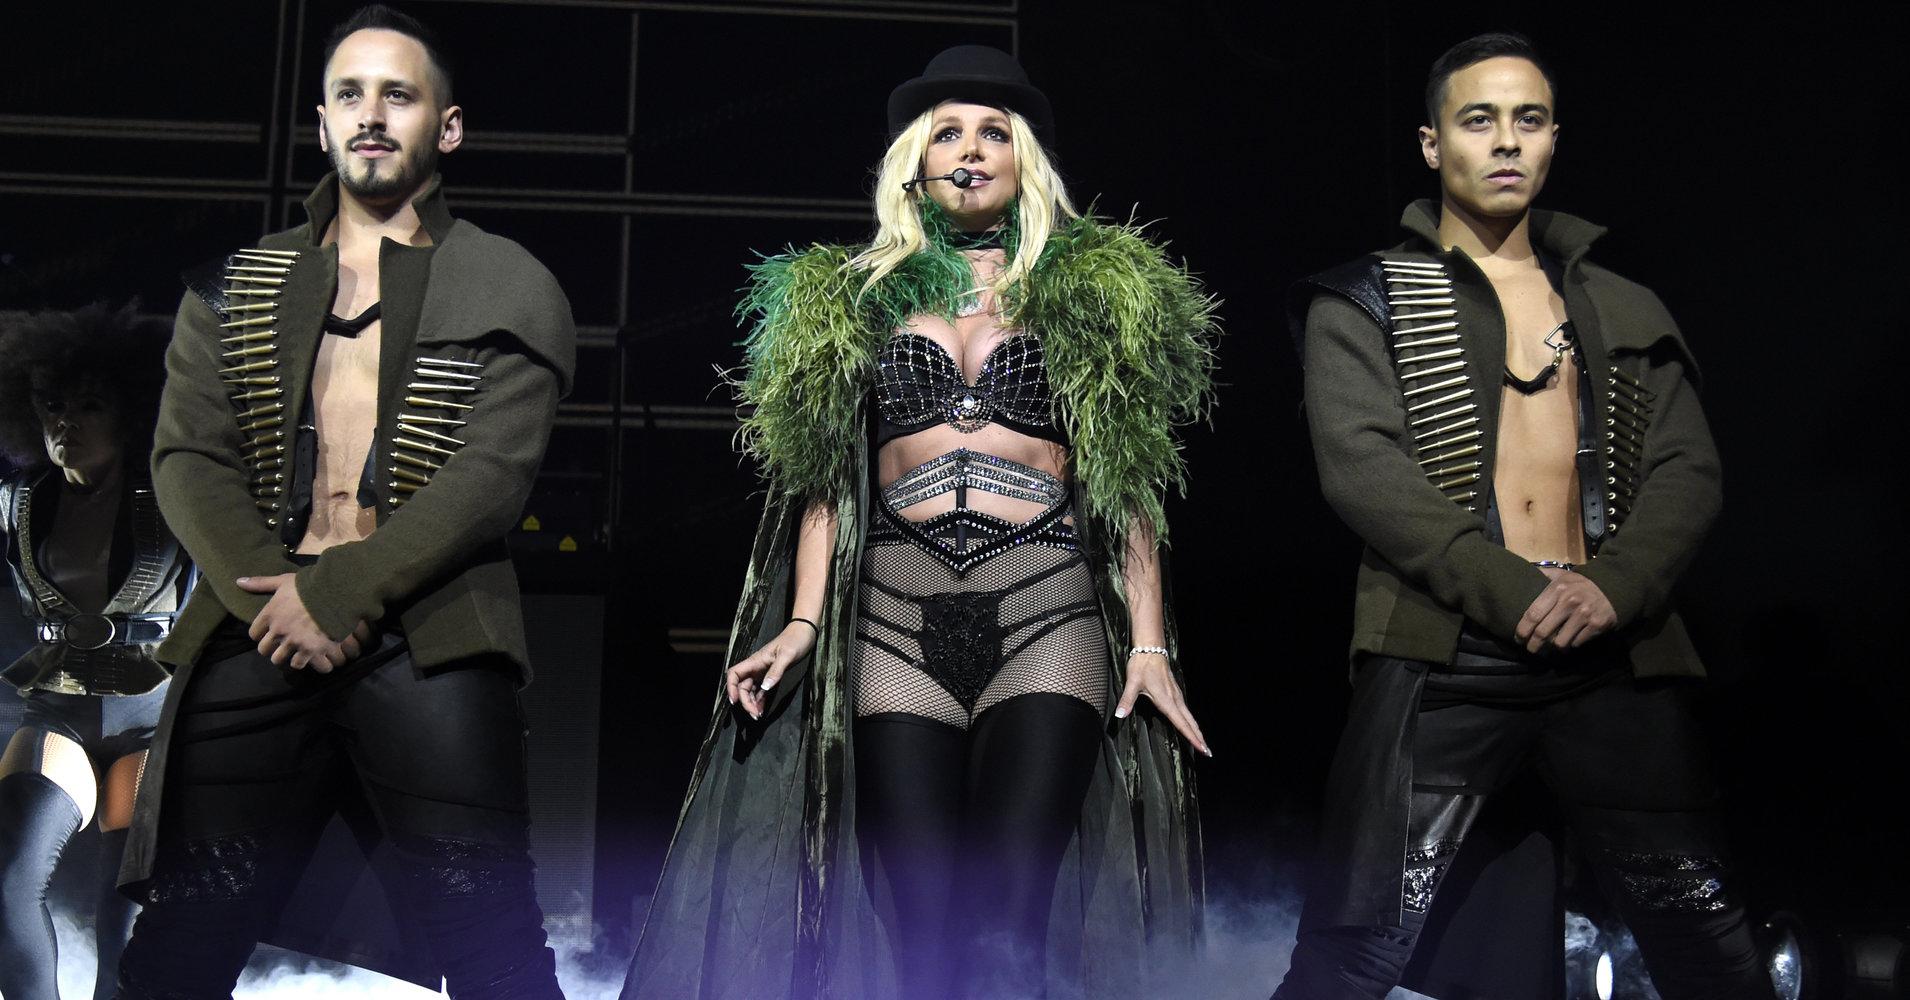 İzleyin: Britney Spears Cinsiyetsiz Parfümünü Tanıttı: Prerogative